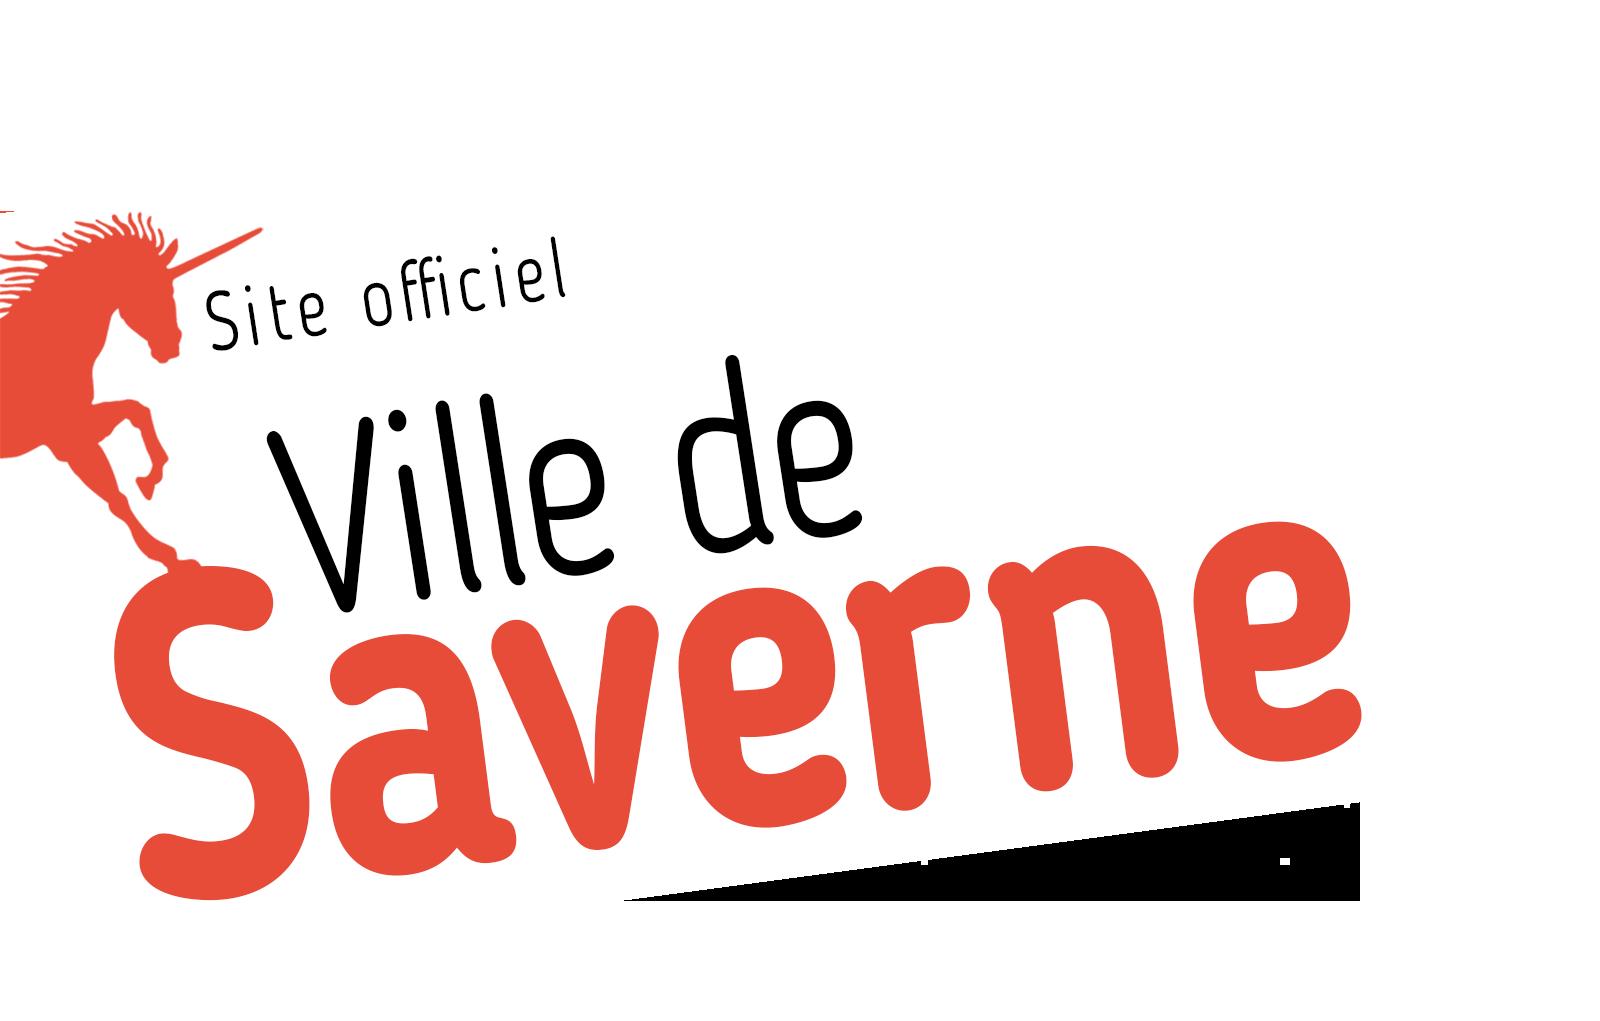 (c) Saverne.fr